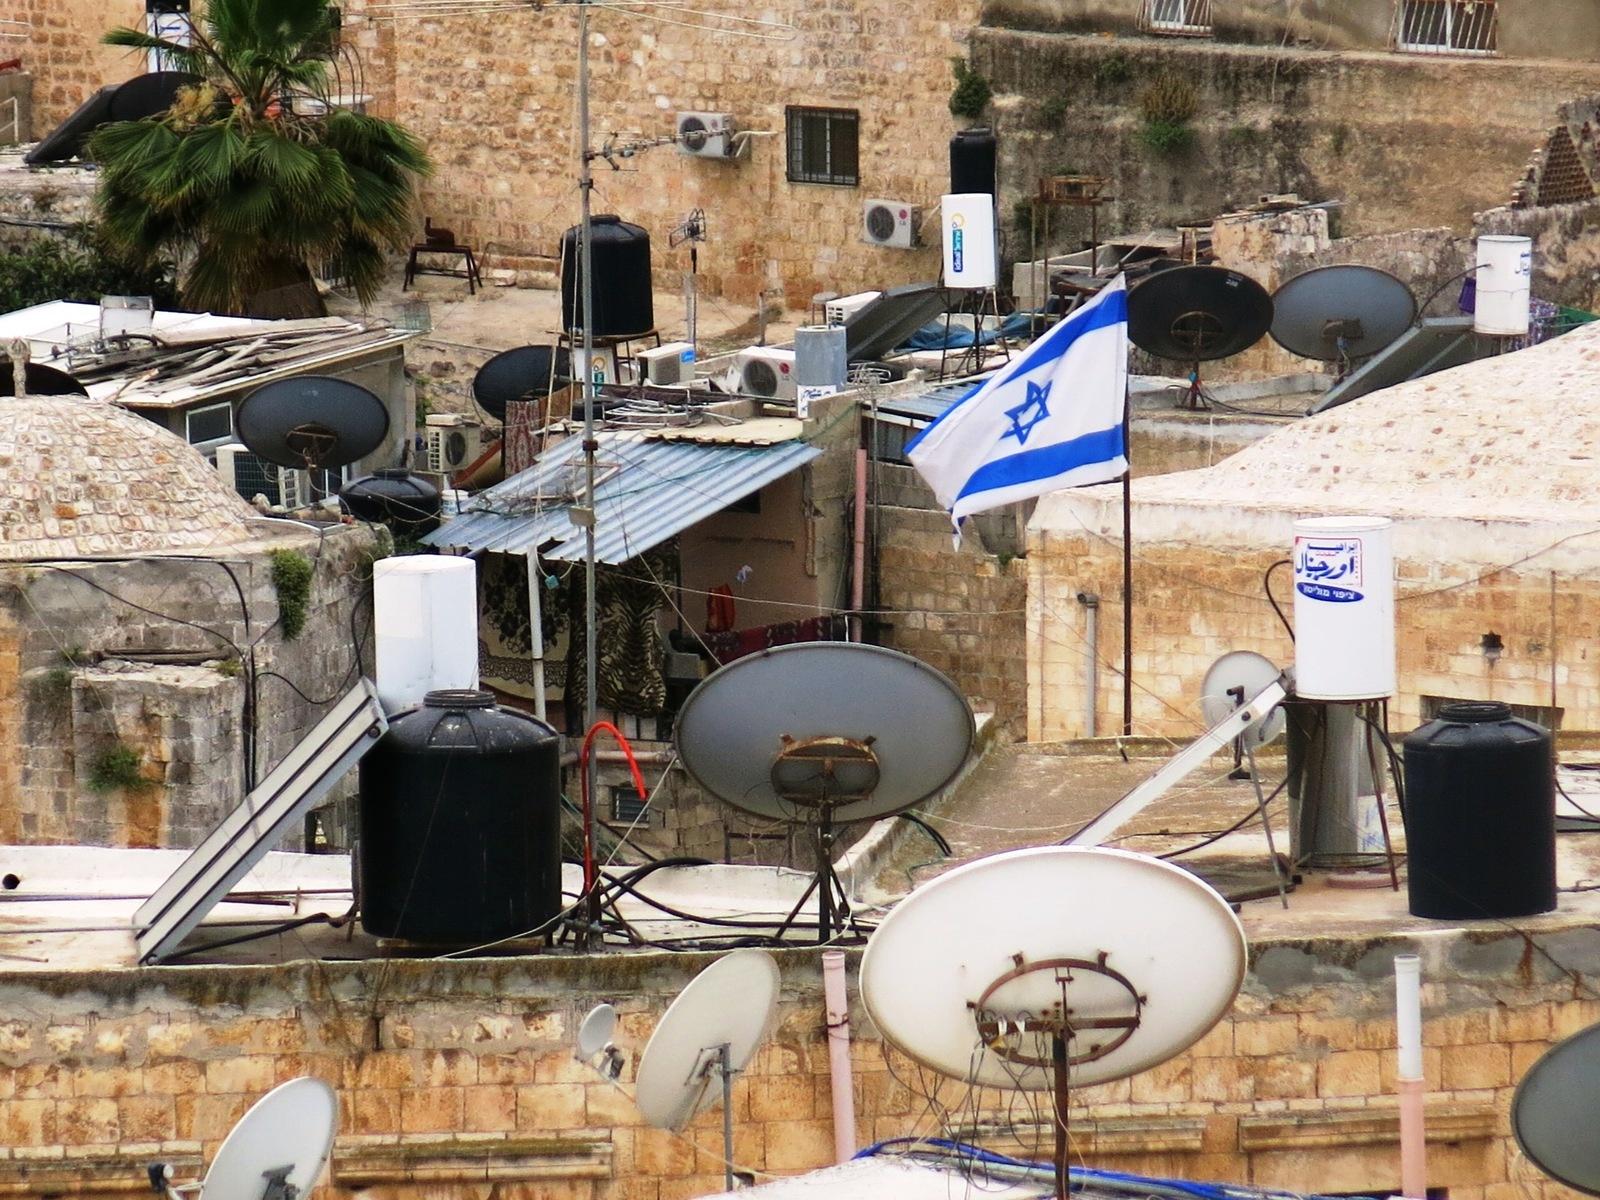 terre sainte en israel Focus Toits de Jérusalem aux multiples paraboles et drapeau israélien